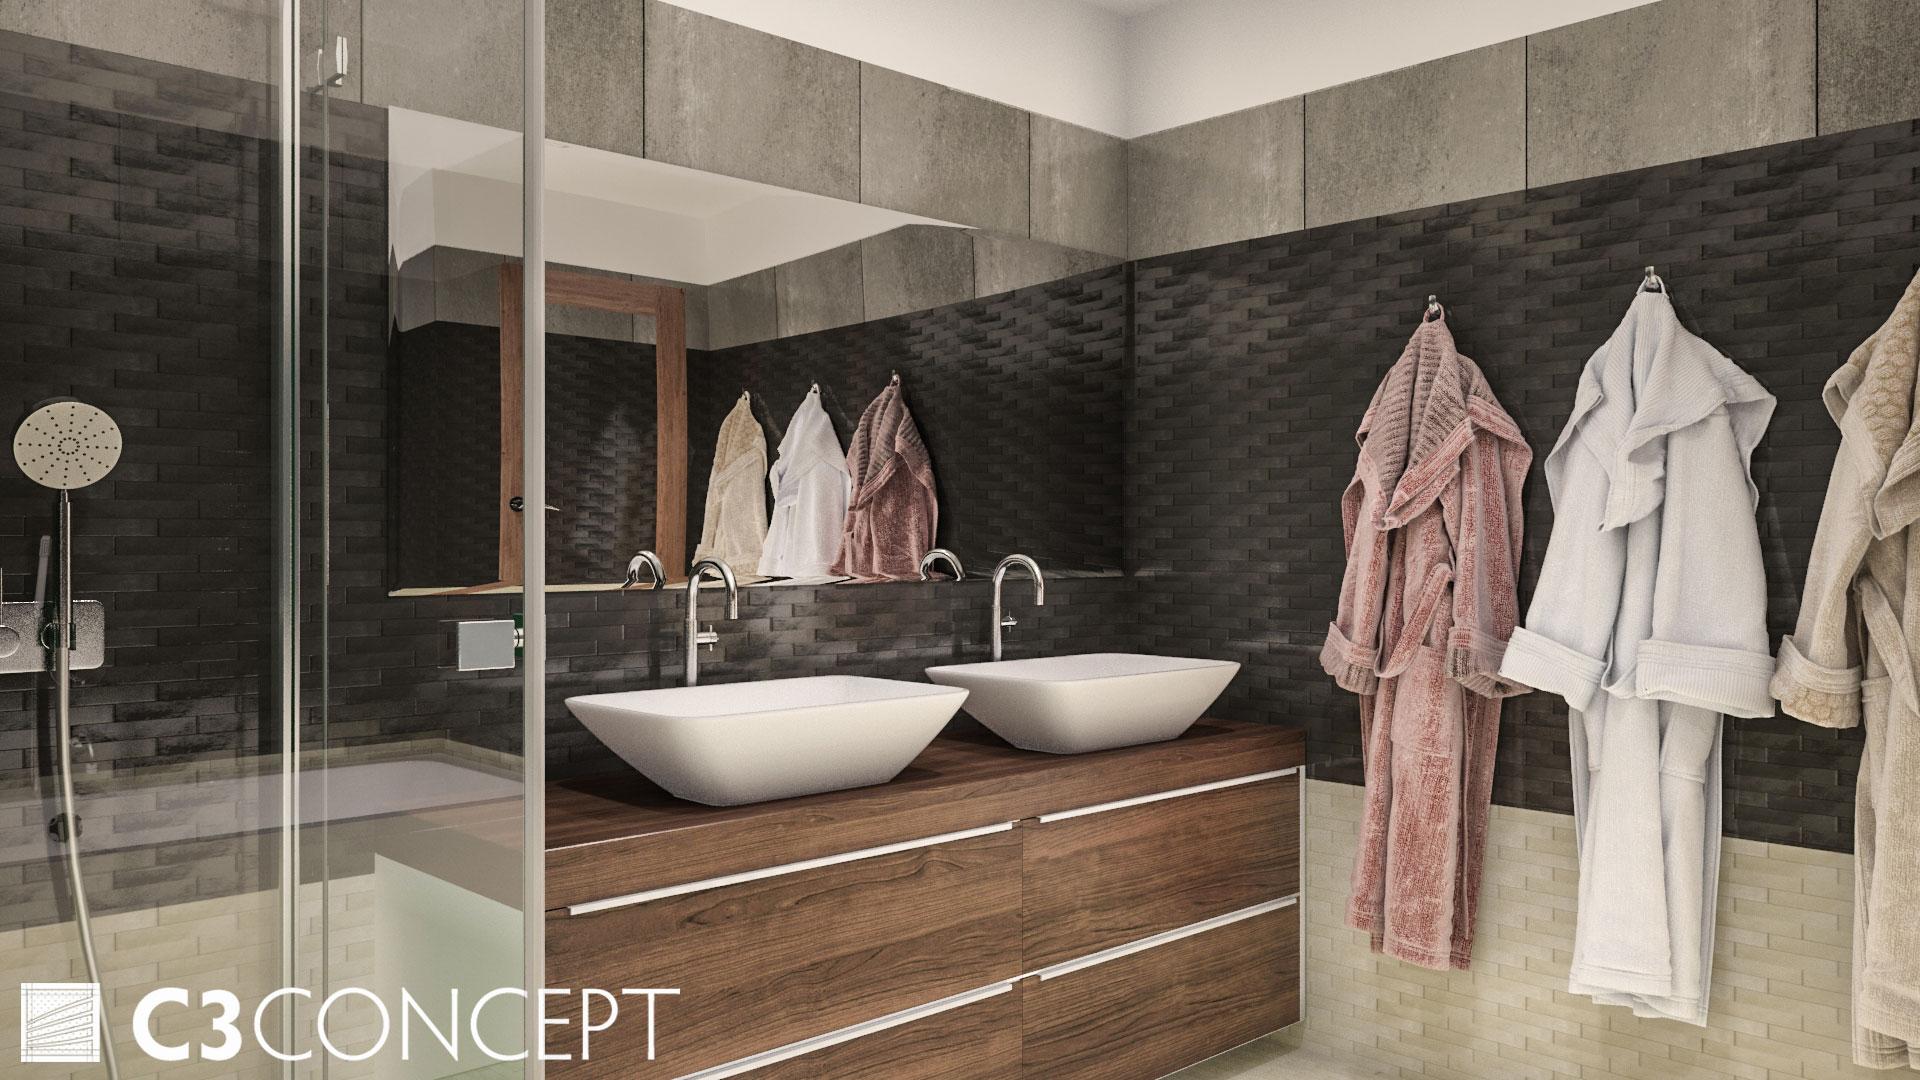 Villarimboud intérieurs C3concept réalisations 3D